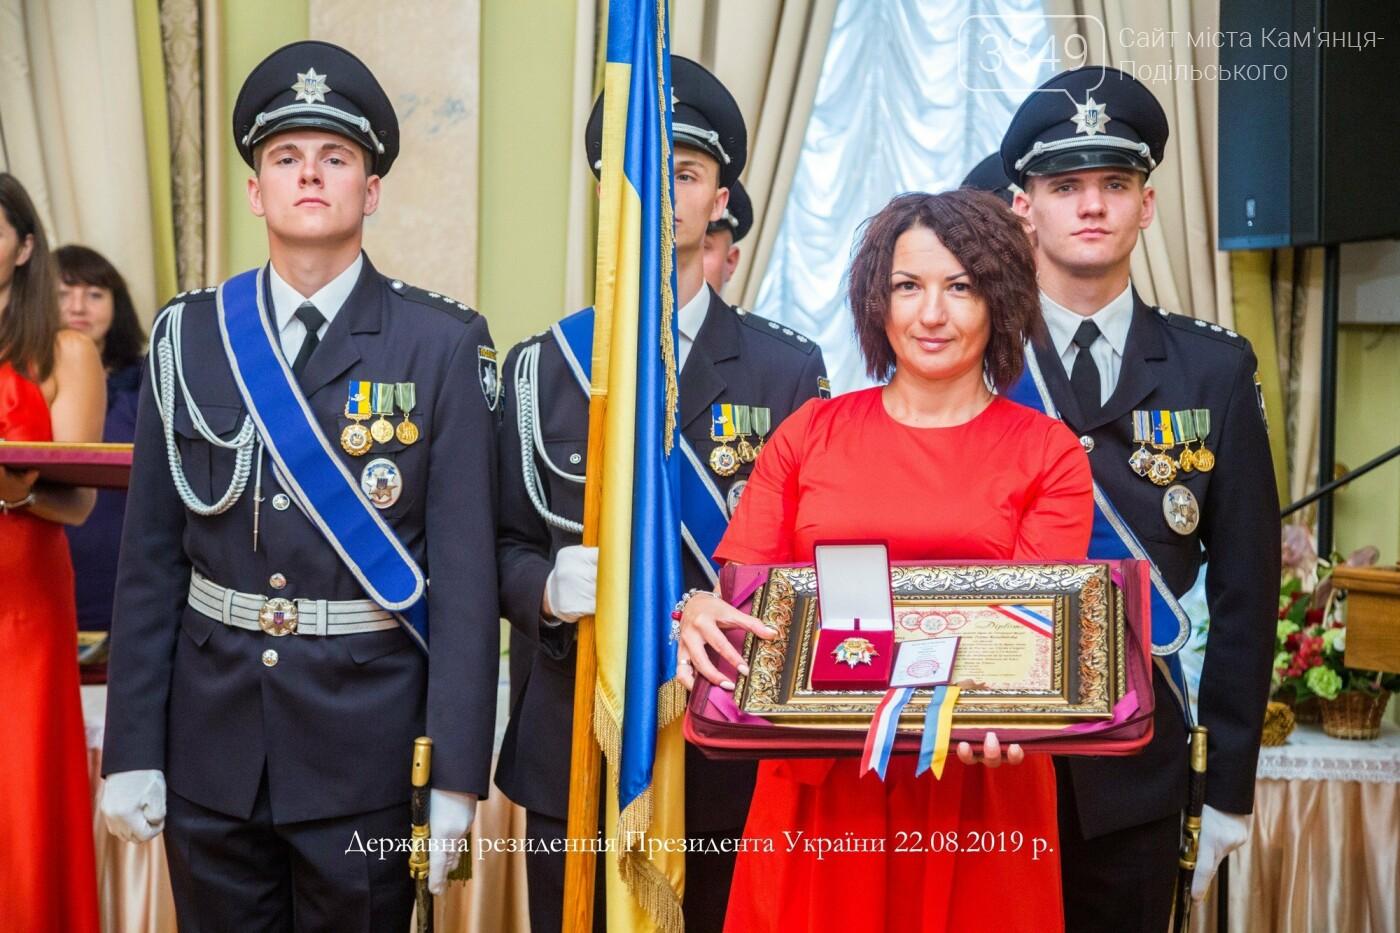 Лікар із Кам'янця-Подільського отримала найвищий міжнародний суспільний орден України, фото-5